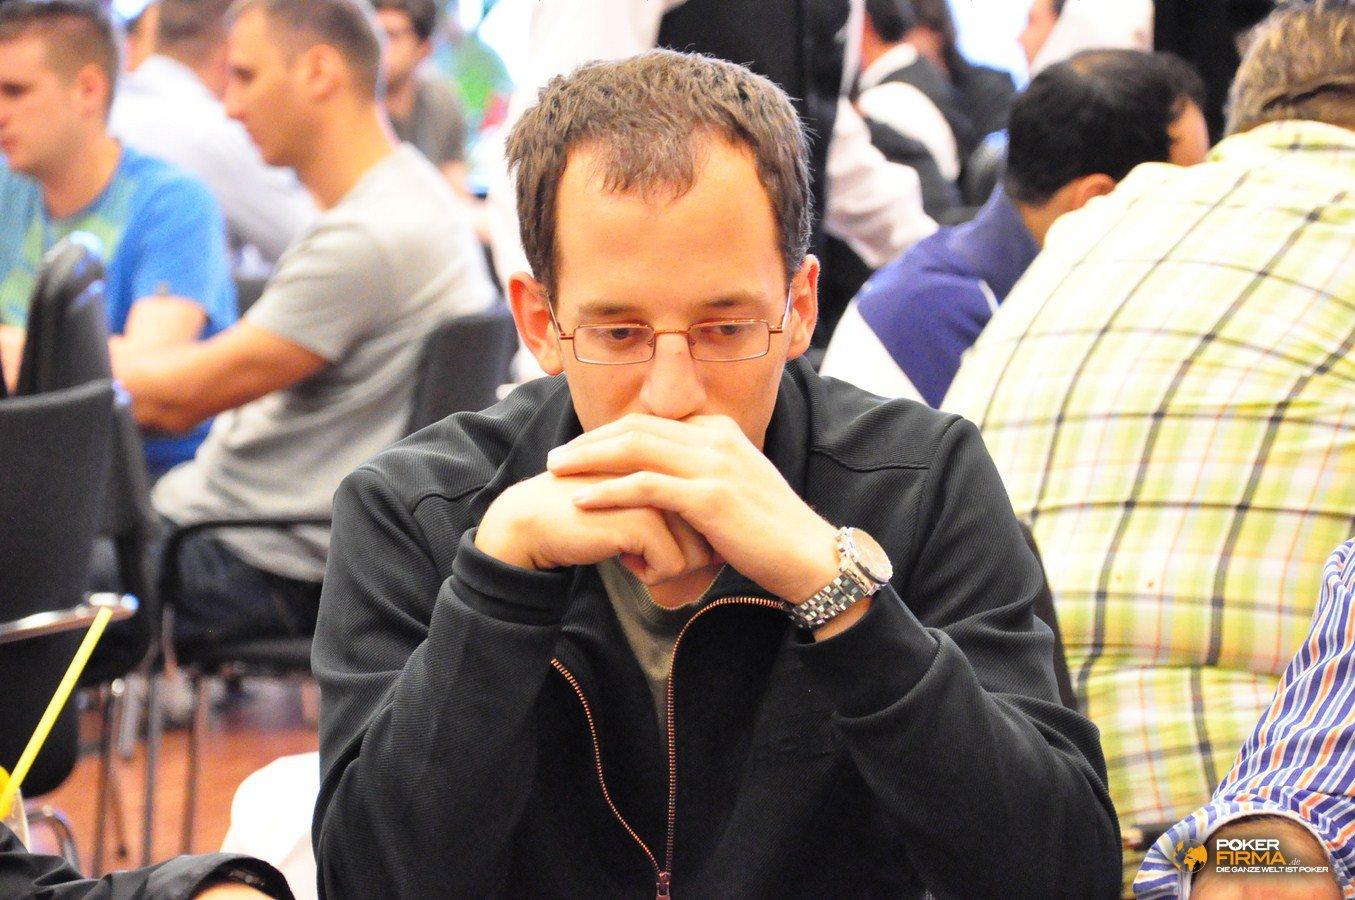 CAPT-Velden-2012-Main-Event-127.JPG